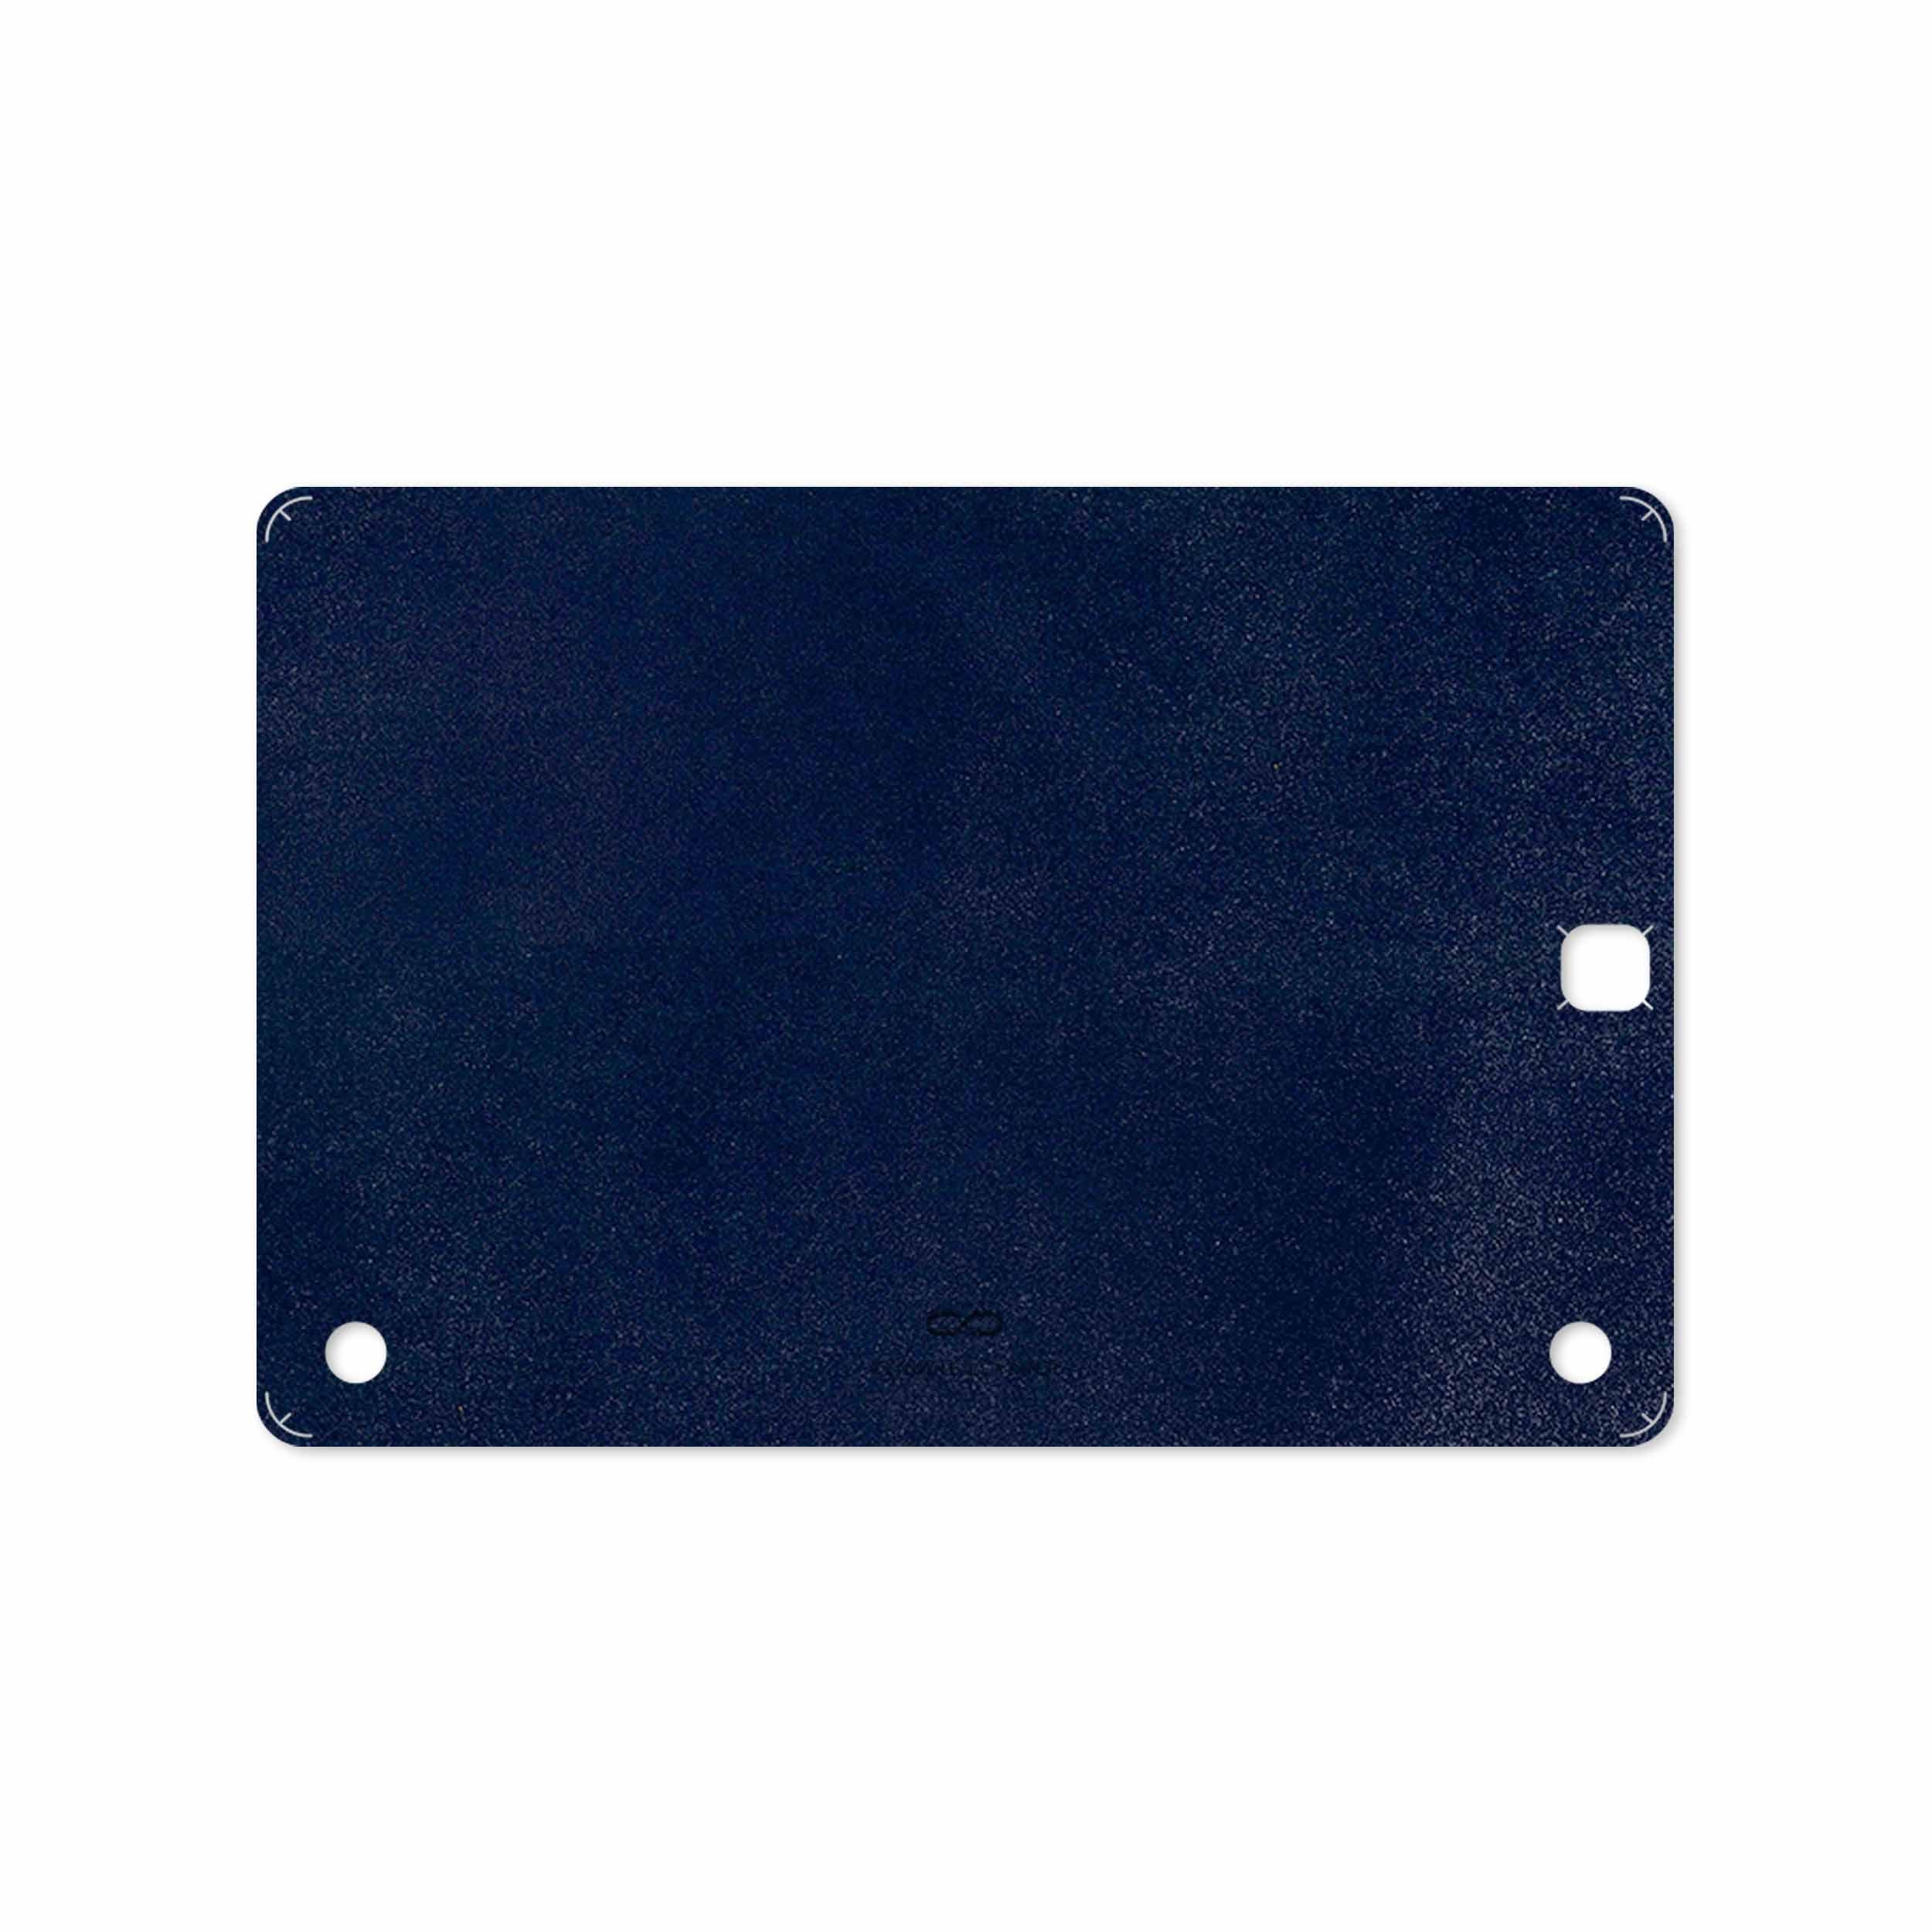 بررسی و خرید [با تخفیف]                                     برچسب پوششی ماهوت مدل Deep-Blue-Leather مناسب برای تبلت سامسونگ Galaxy Tab A 9.7 2015 T555                             اورجینال